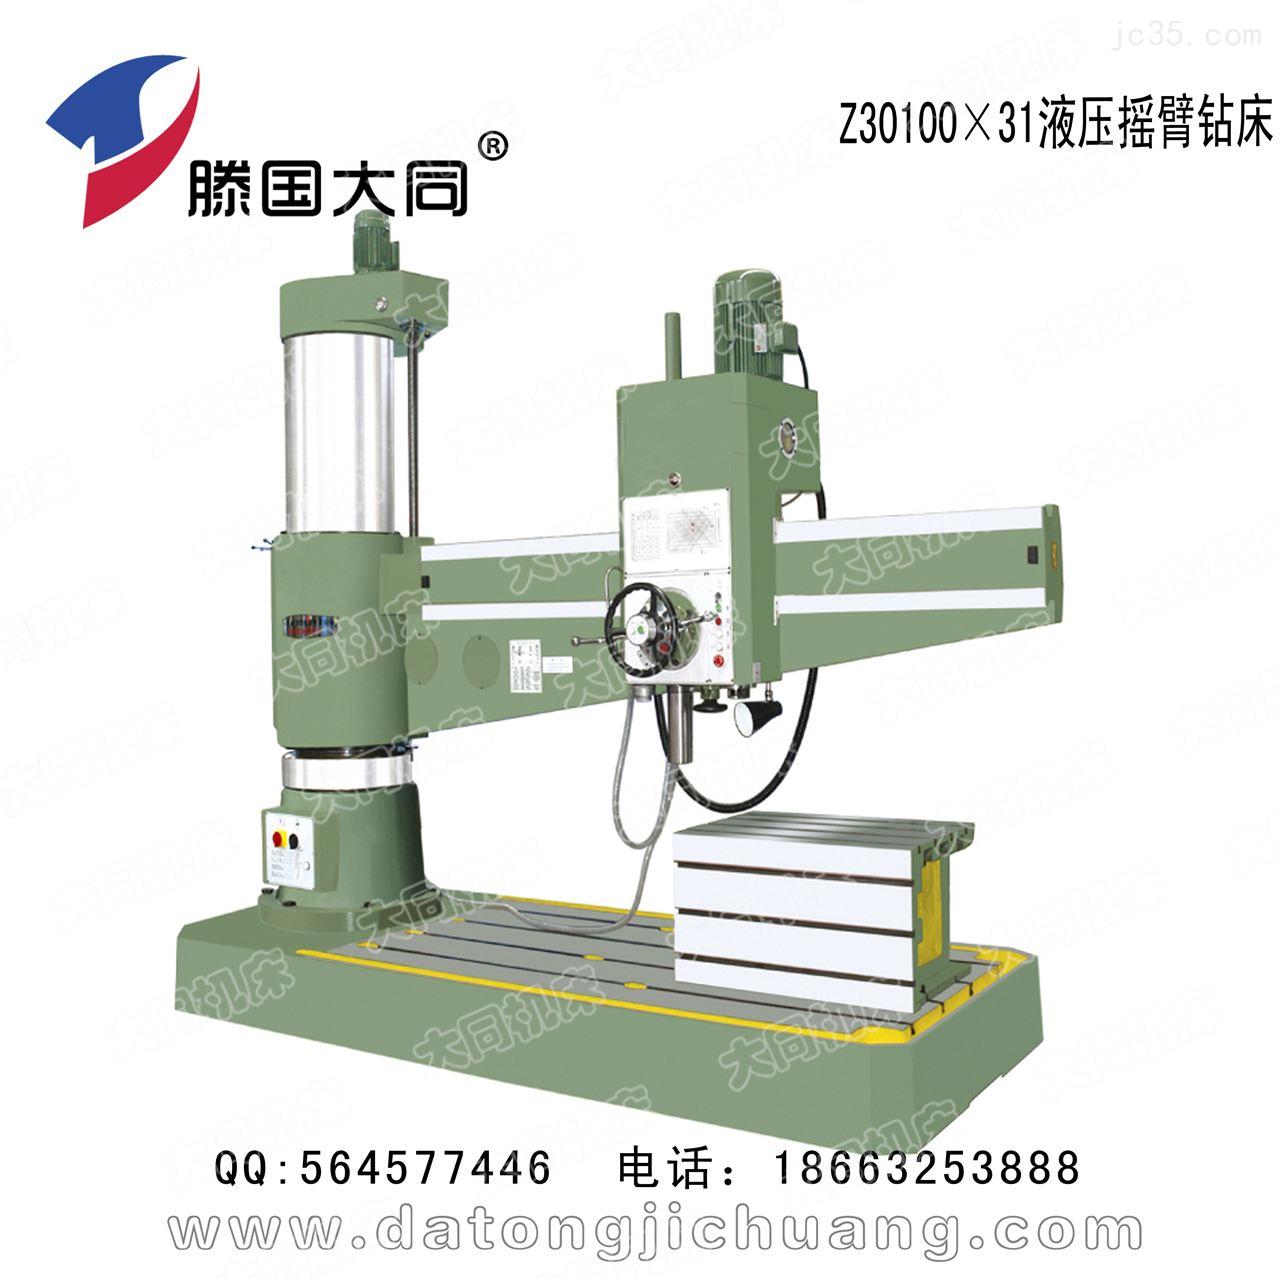 Z30100×31液压摇臂钻床